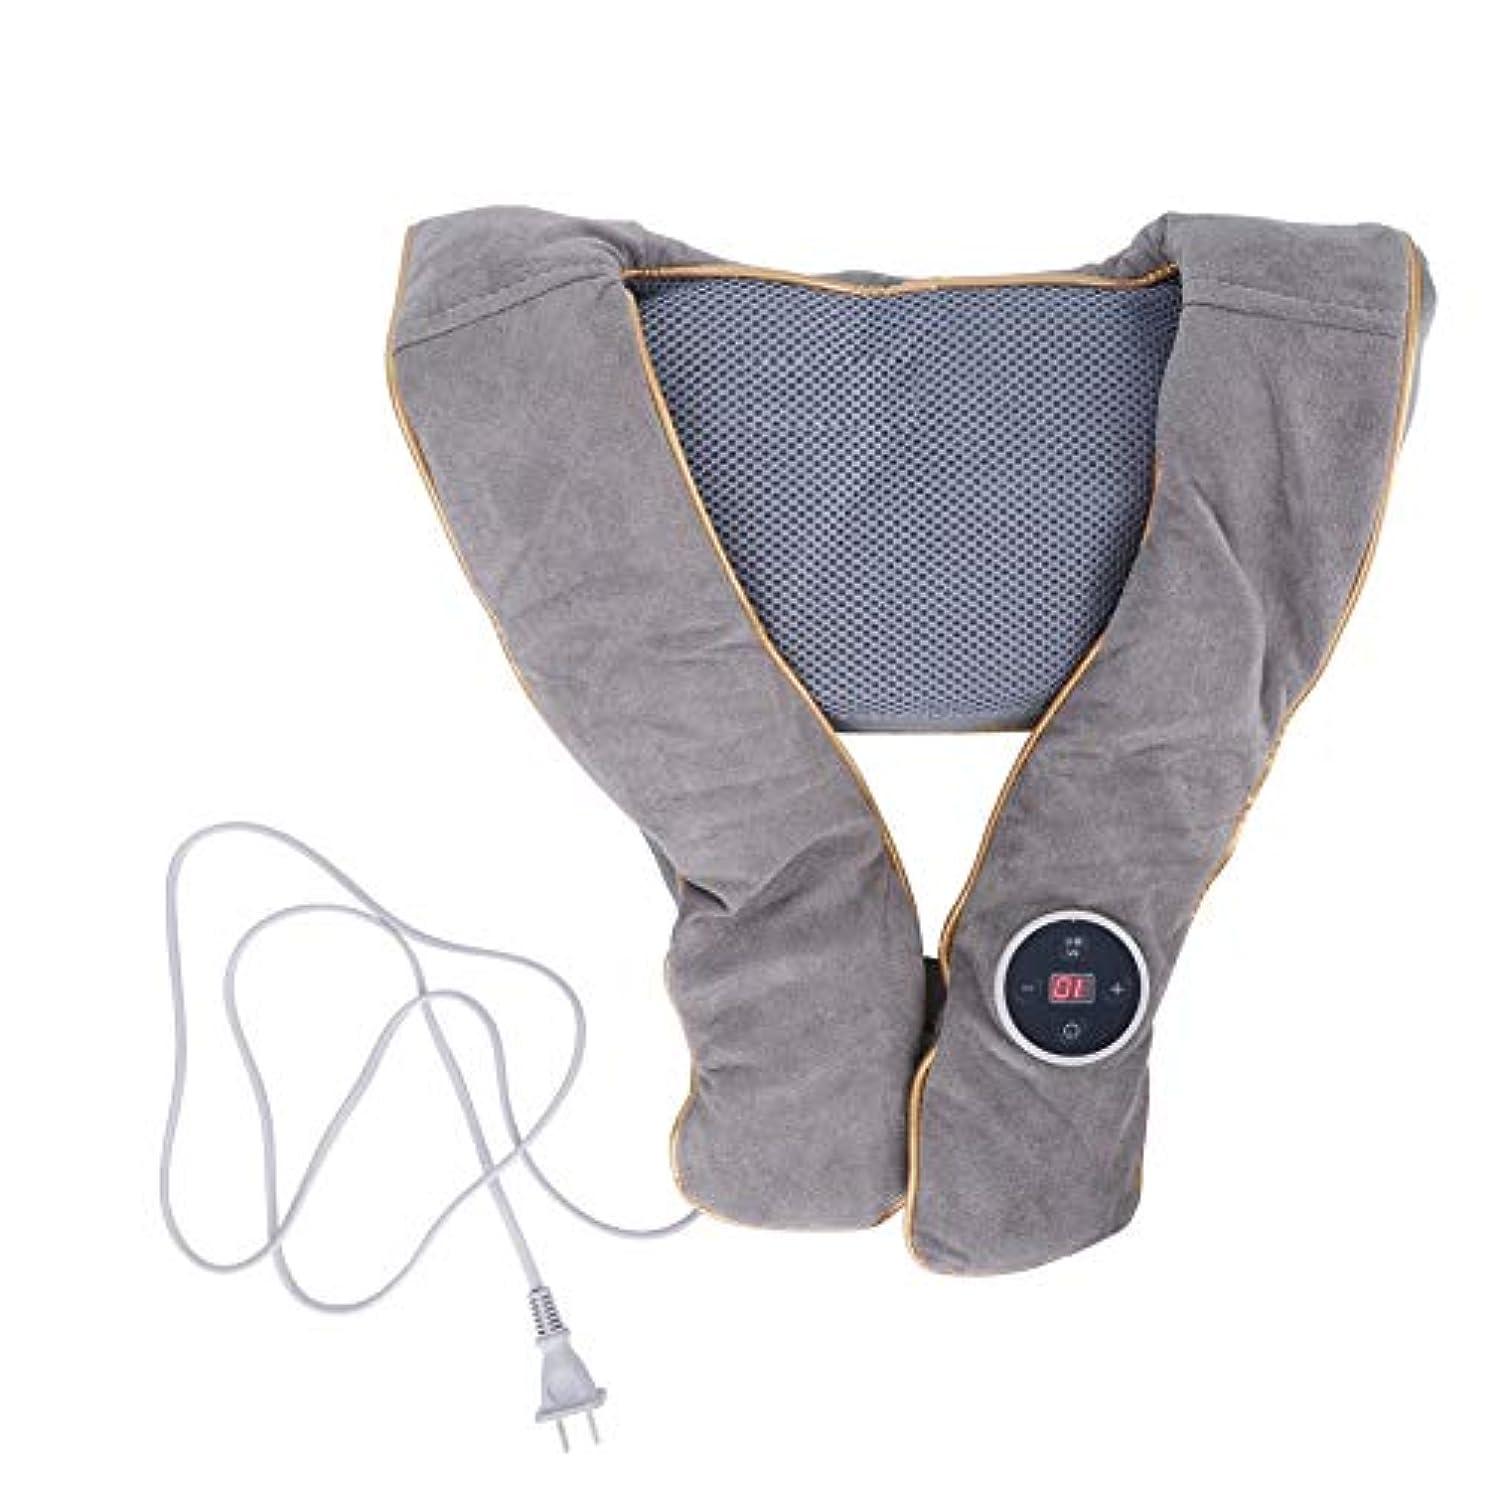 主観的言語コモランマ首肩マッサージャー枕ショール、加熱指圧バックマッサージ機ディープニーディングティッシュマッサージ用筋肉痛テンションケア